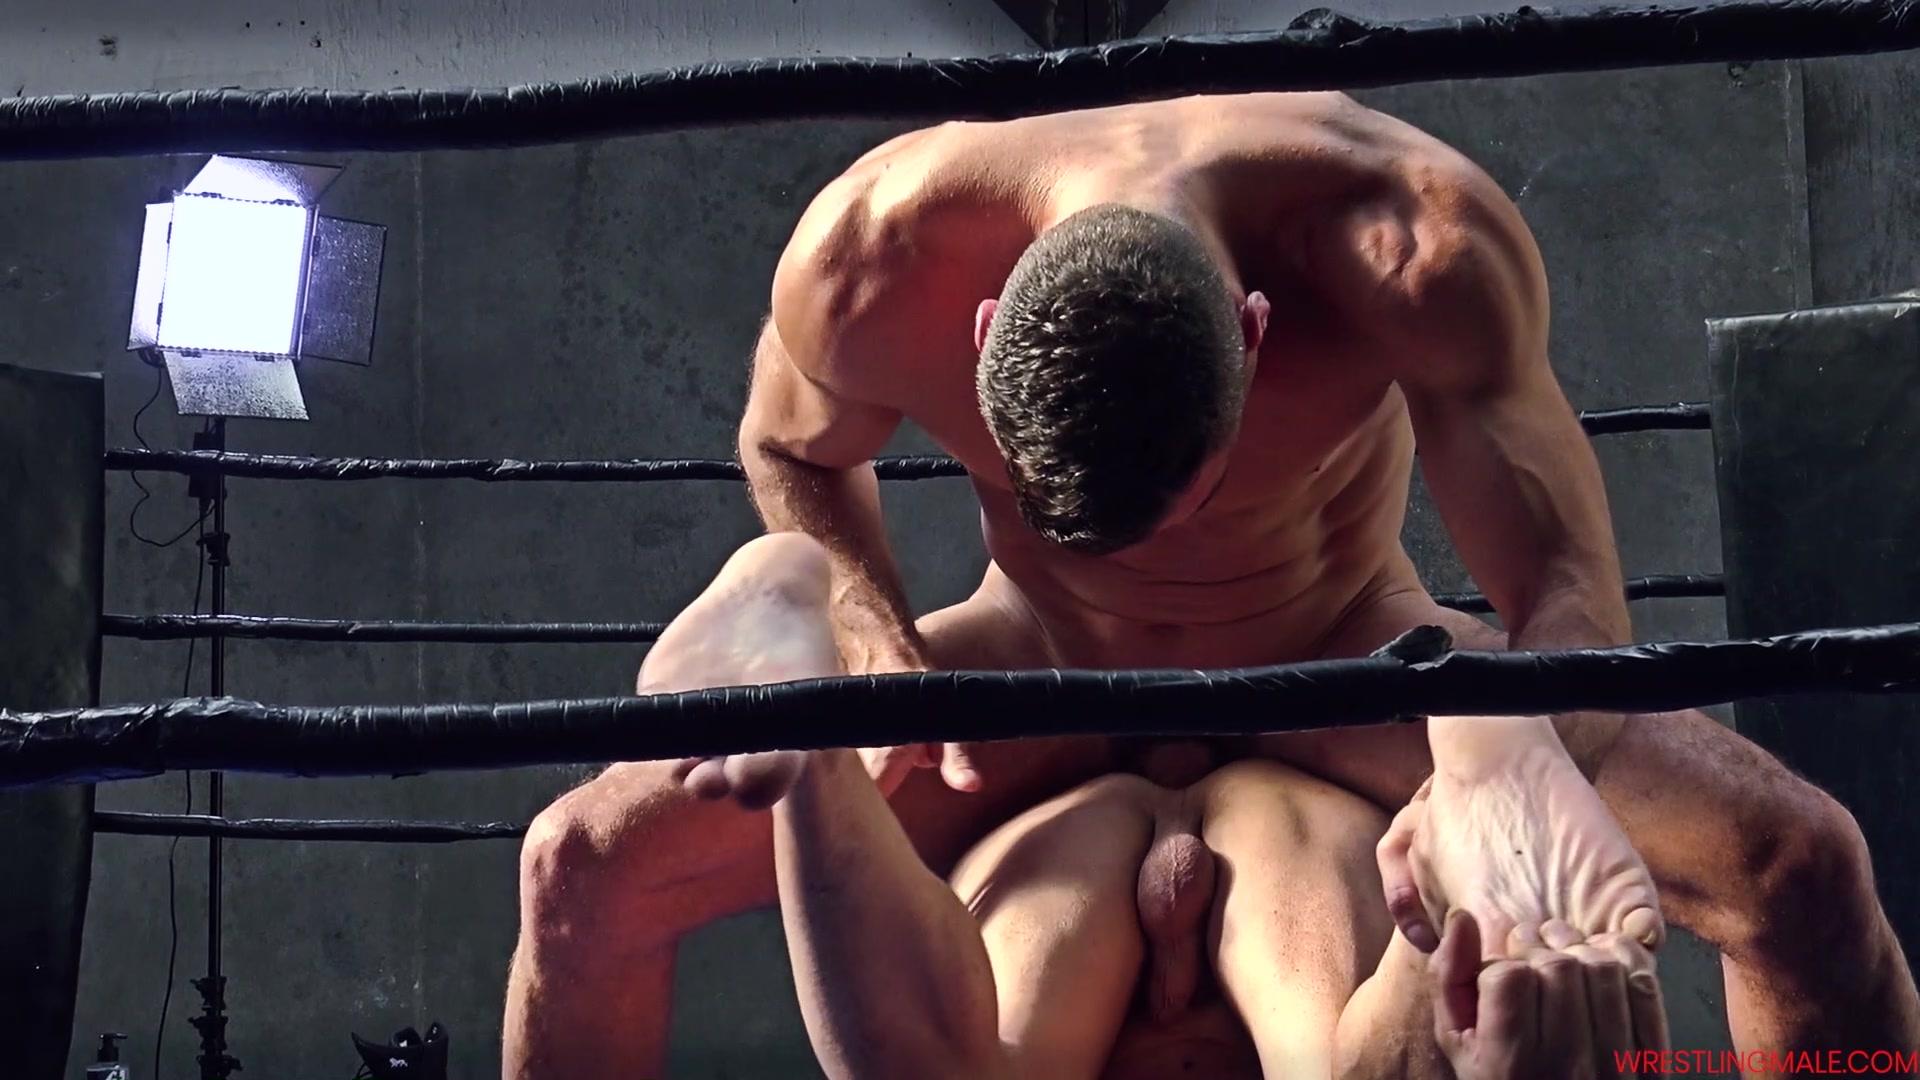 Wrestlingmale-Trailer-Skye-Man-Ep-4-Marvelous-53